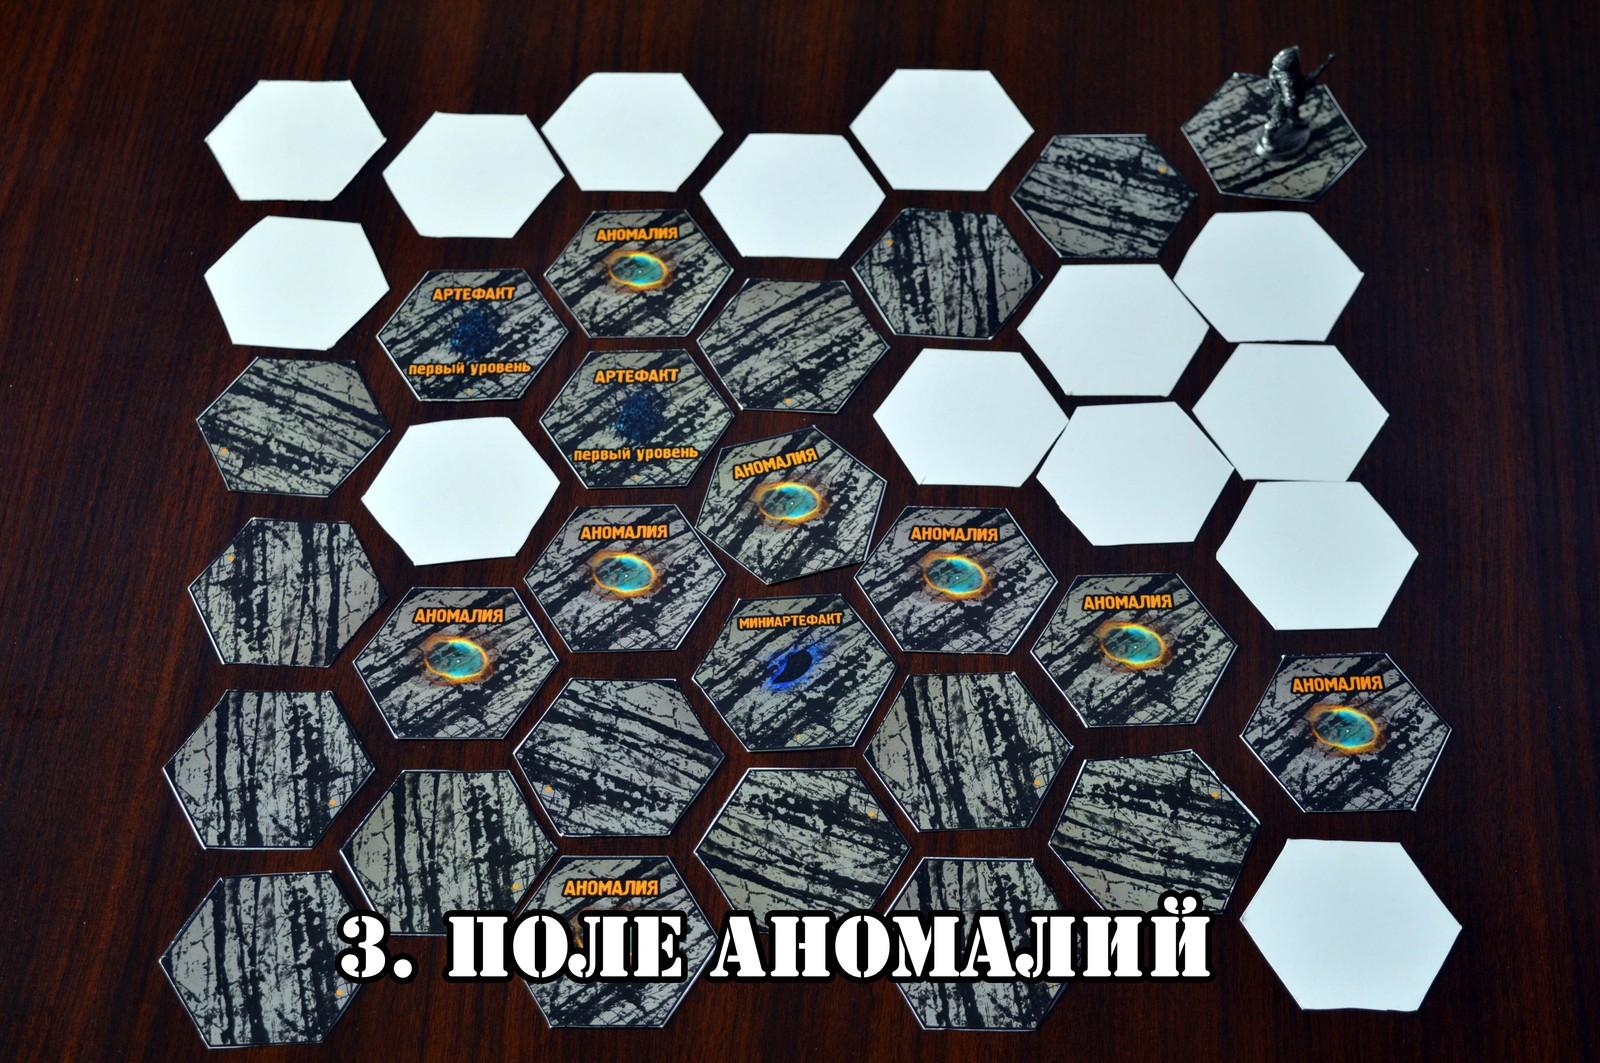 Курс: Создание локации для игры S.T.A.L.K.E.R. Зов Припяти 79